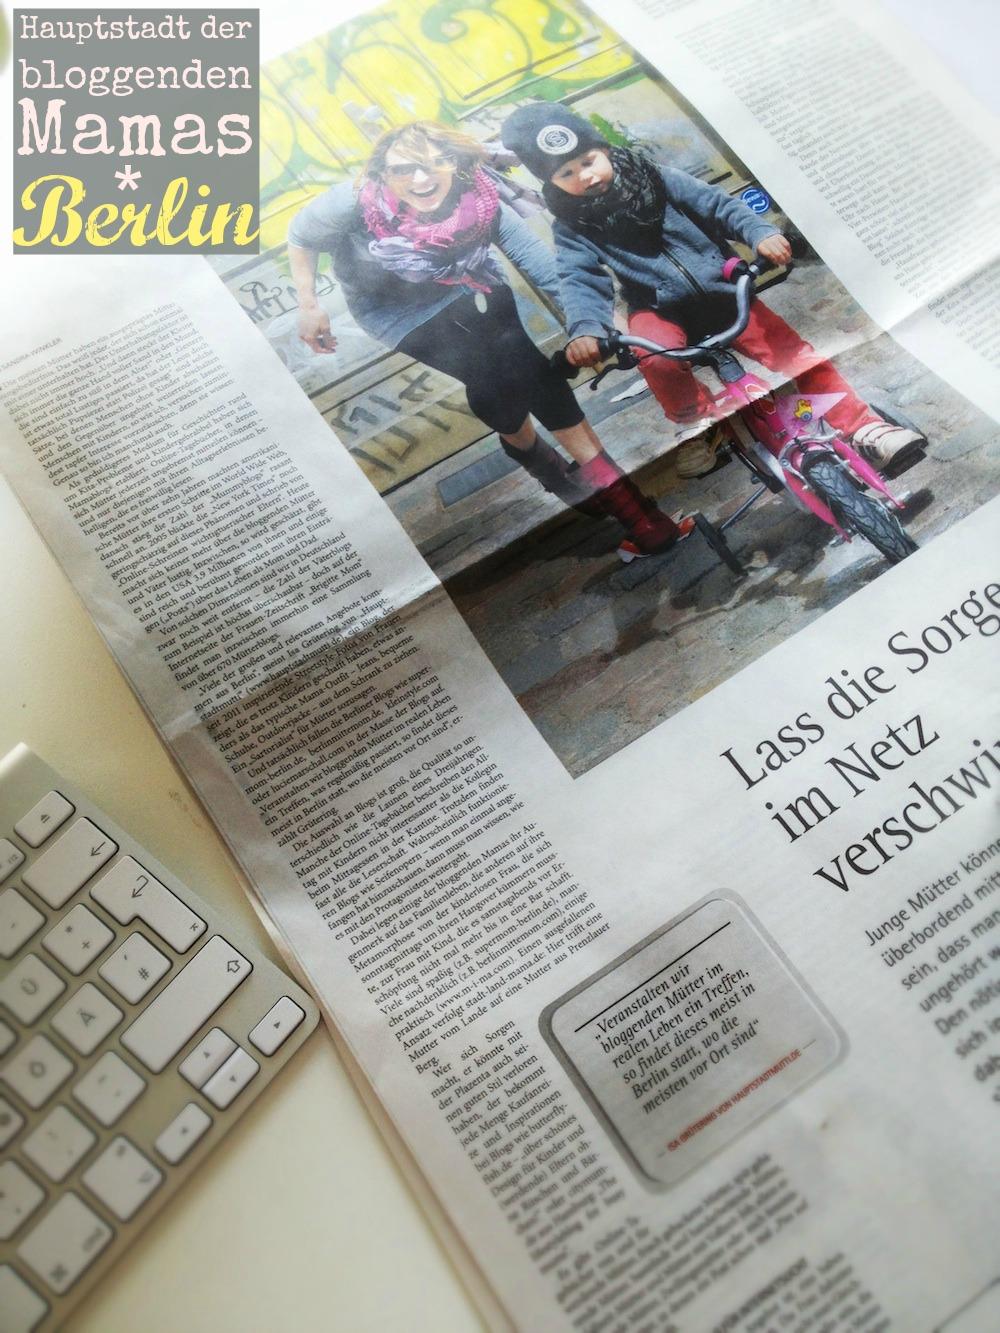 (Deutsch) Berlin : Hauptstadt der bloggenden Mütter